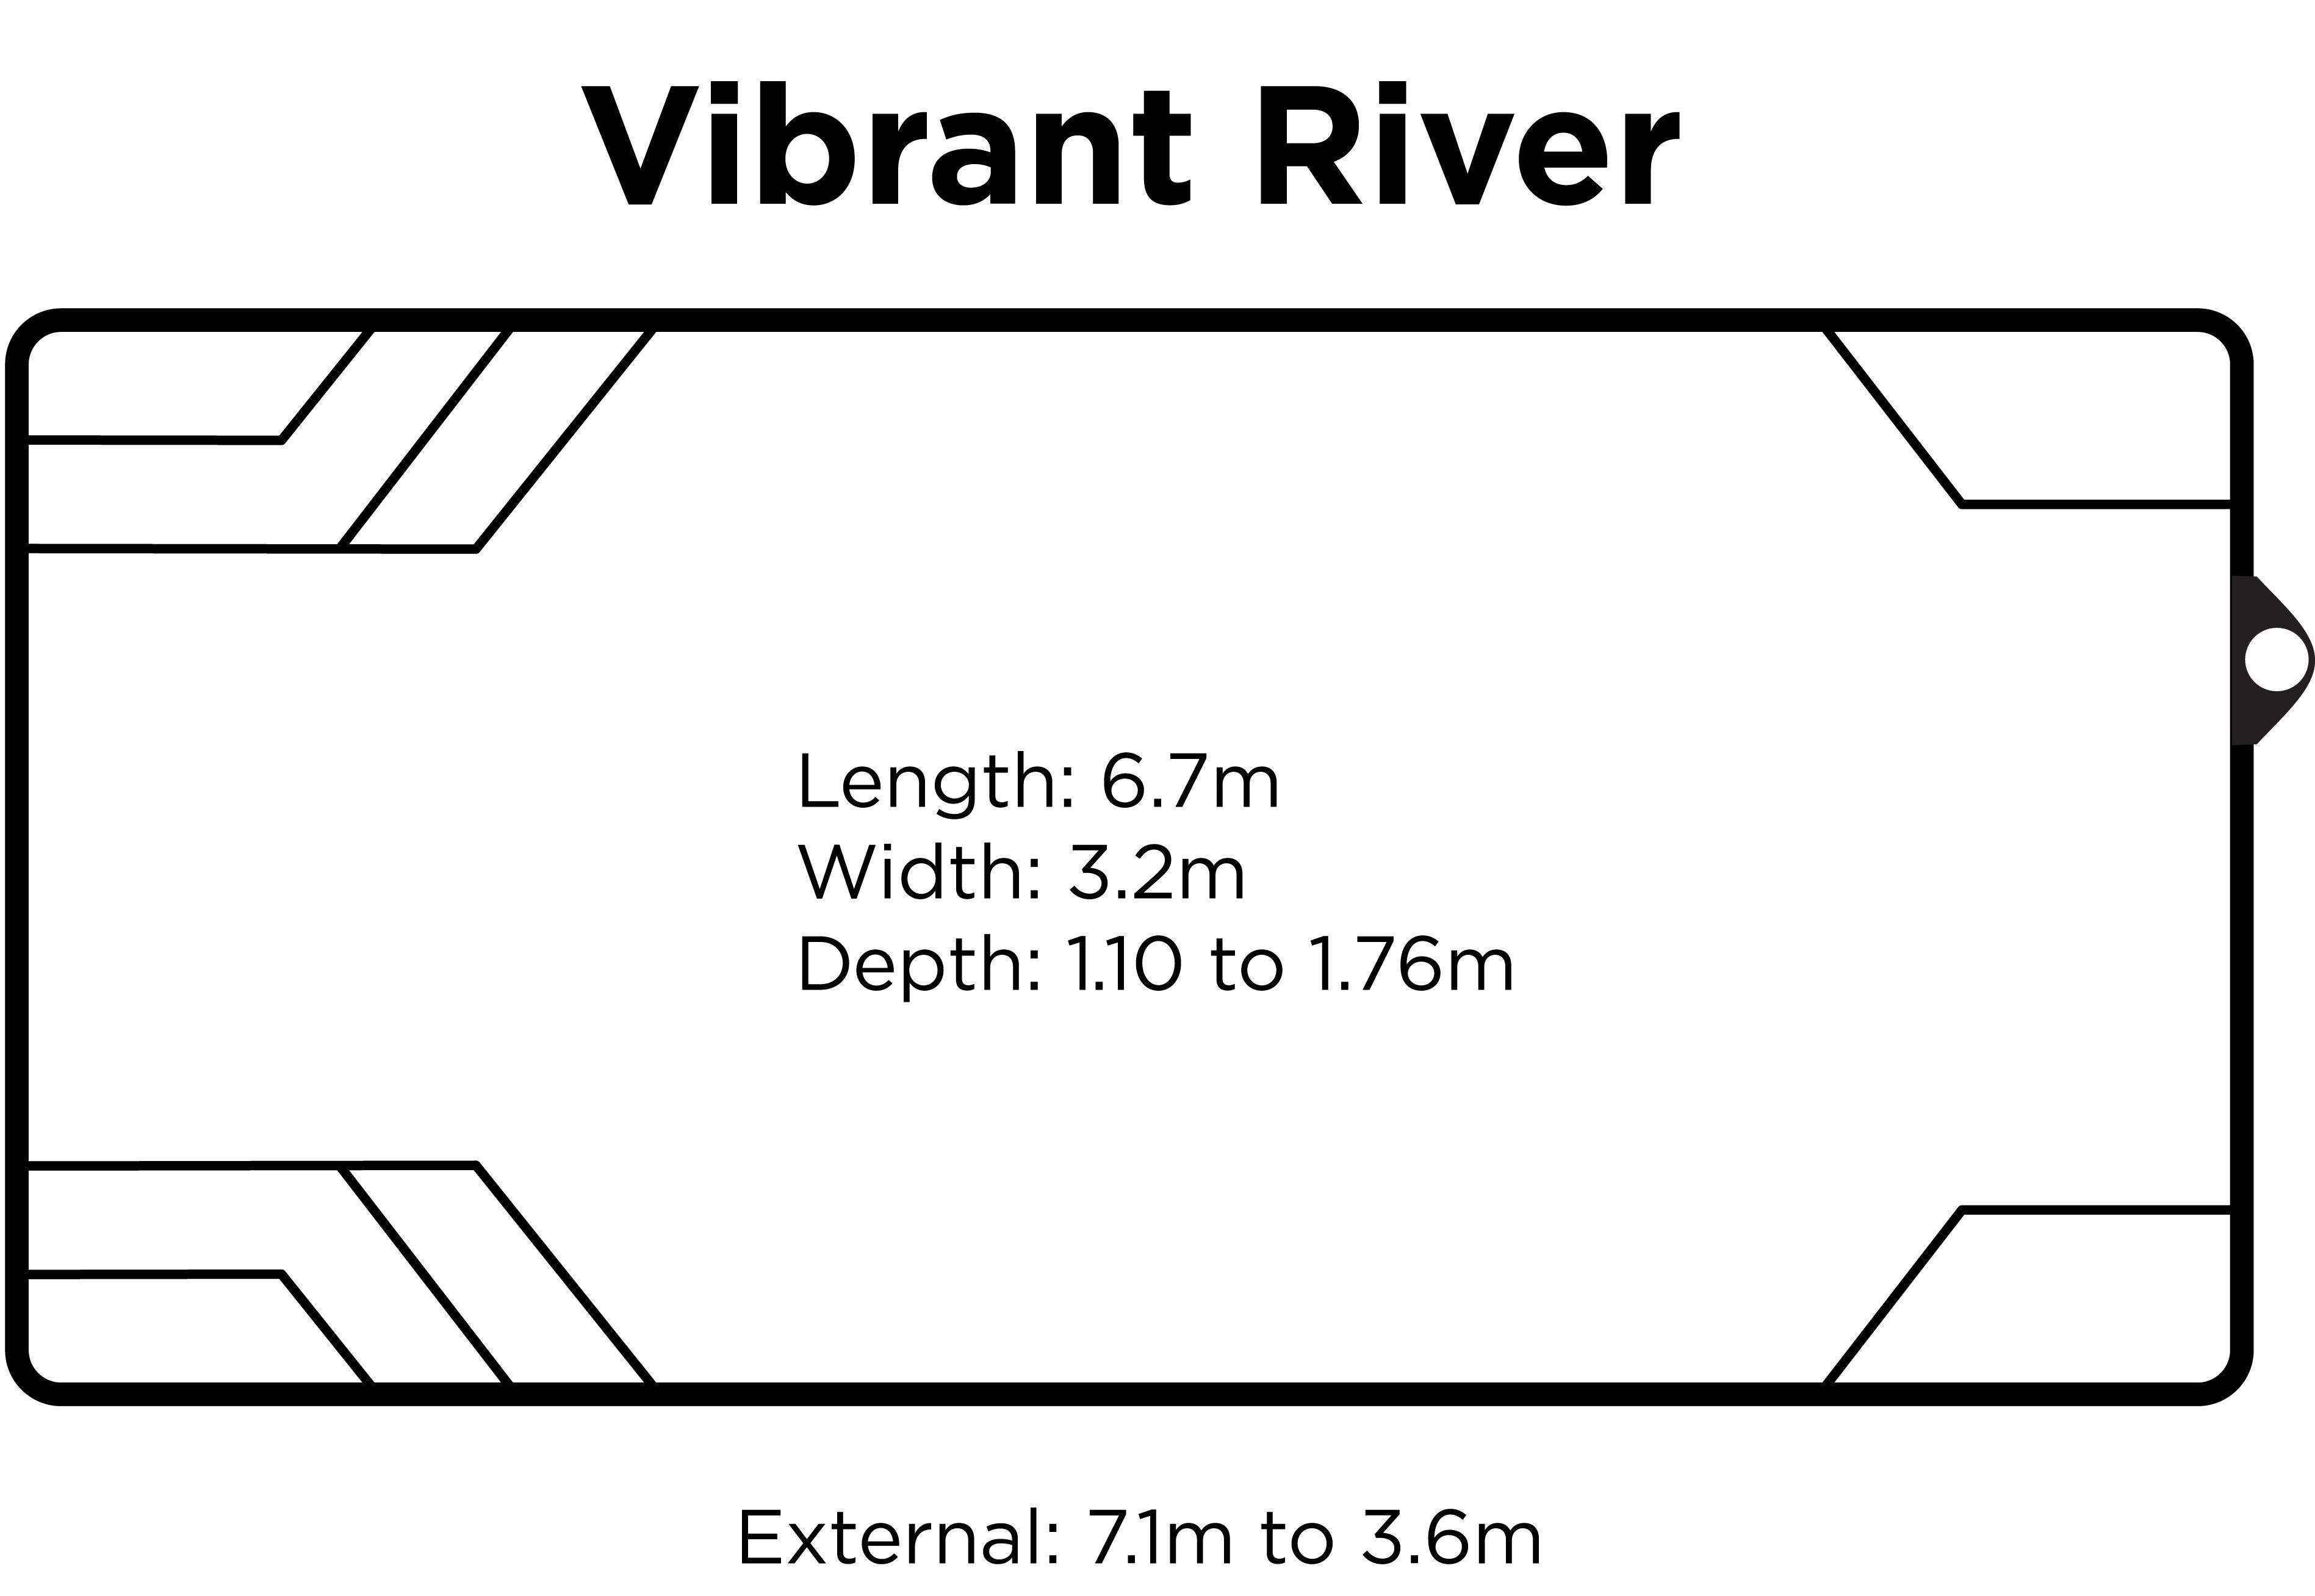 FINALVibrant River